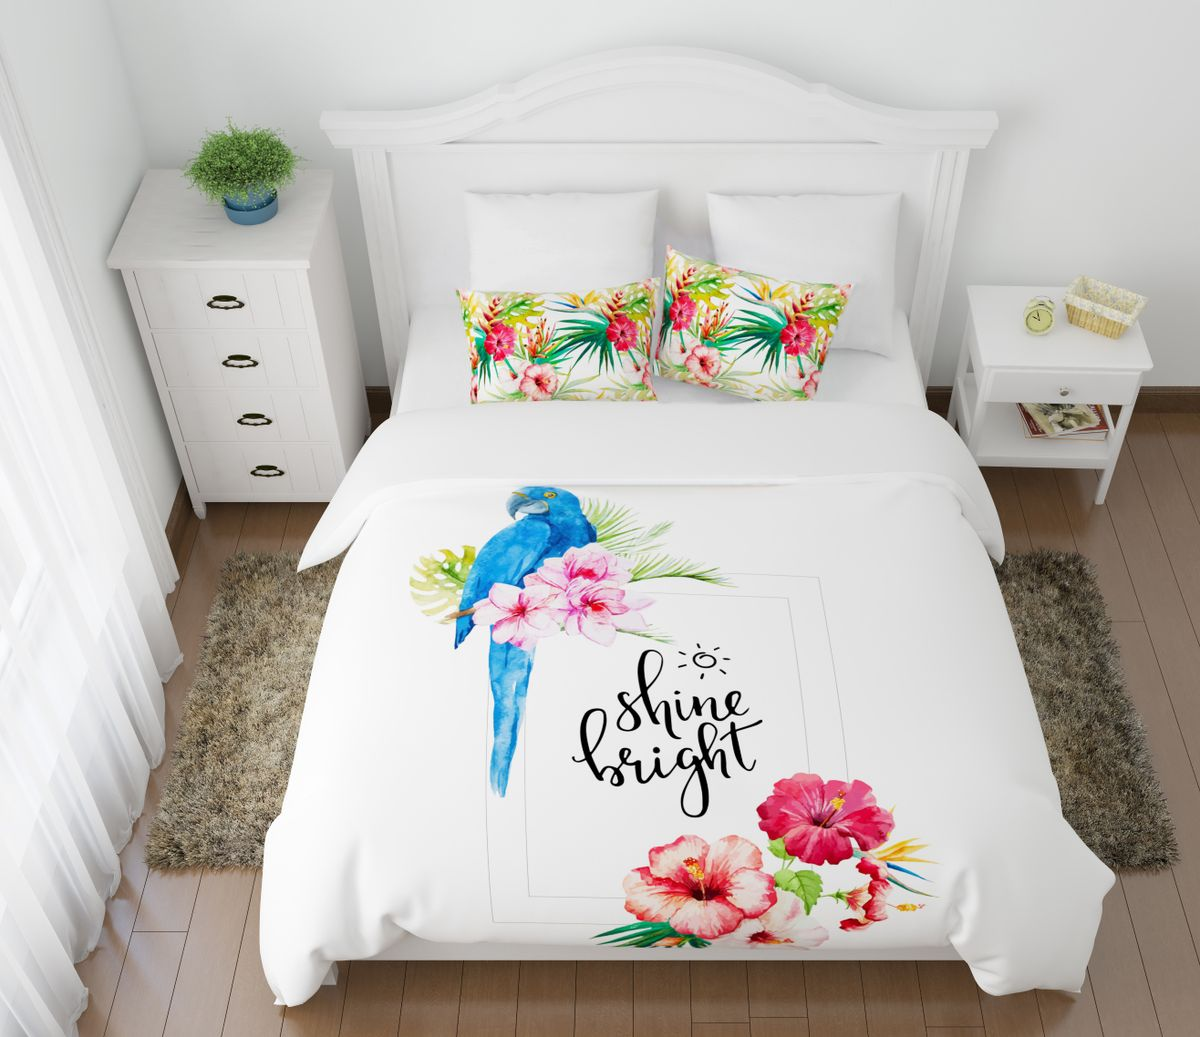 Комплект белья Сирень Голубой попугай, 2-спальный, наволочки 50х70FA-5125 WhiteКомплект постельного белья Сирень выполнен из прочной и мягкой ткани. Четкий и стильный рисунок в сочетании с насыщенными красками делают комплект постельного белья неповторимой изюминкой любого интерьера.Постельное белье идеально подойдет для подарка. Идеальное соотношение смешенной ткани и гипоаллергенных красок - это гарантия здорового, спокойного сна. Ткань хорошо впитывает влагу, надолго сохраняет яркость красок.В комплект входят: простынь, пододеяльник, две наволочки. Постельное белье легко стирать при 30-40°С, гладить при 150°С, не отбеливать. Рекомендуется перед первым использованием постирать.УВАЖАЕМЫЕ КЛИЕНТЫ! Обращаем ваше внимание, что цвет простыни, пододеяльника, наволочки в комплектации может немного отличаться от представленного на фото.